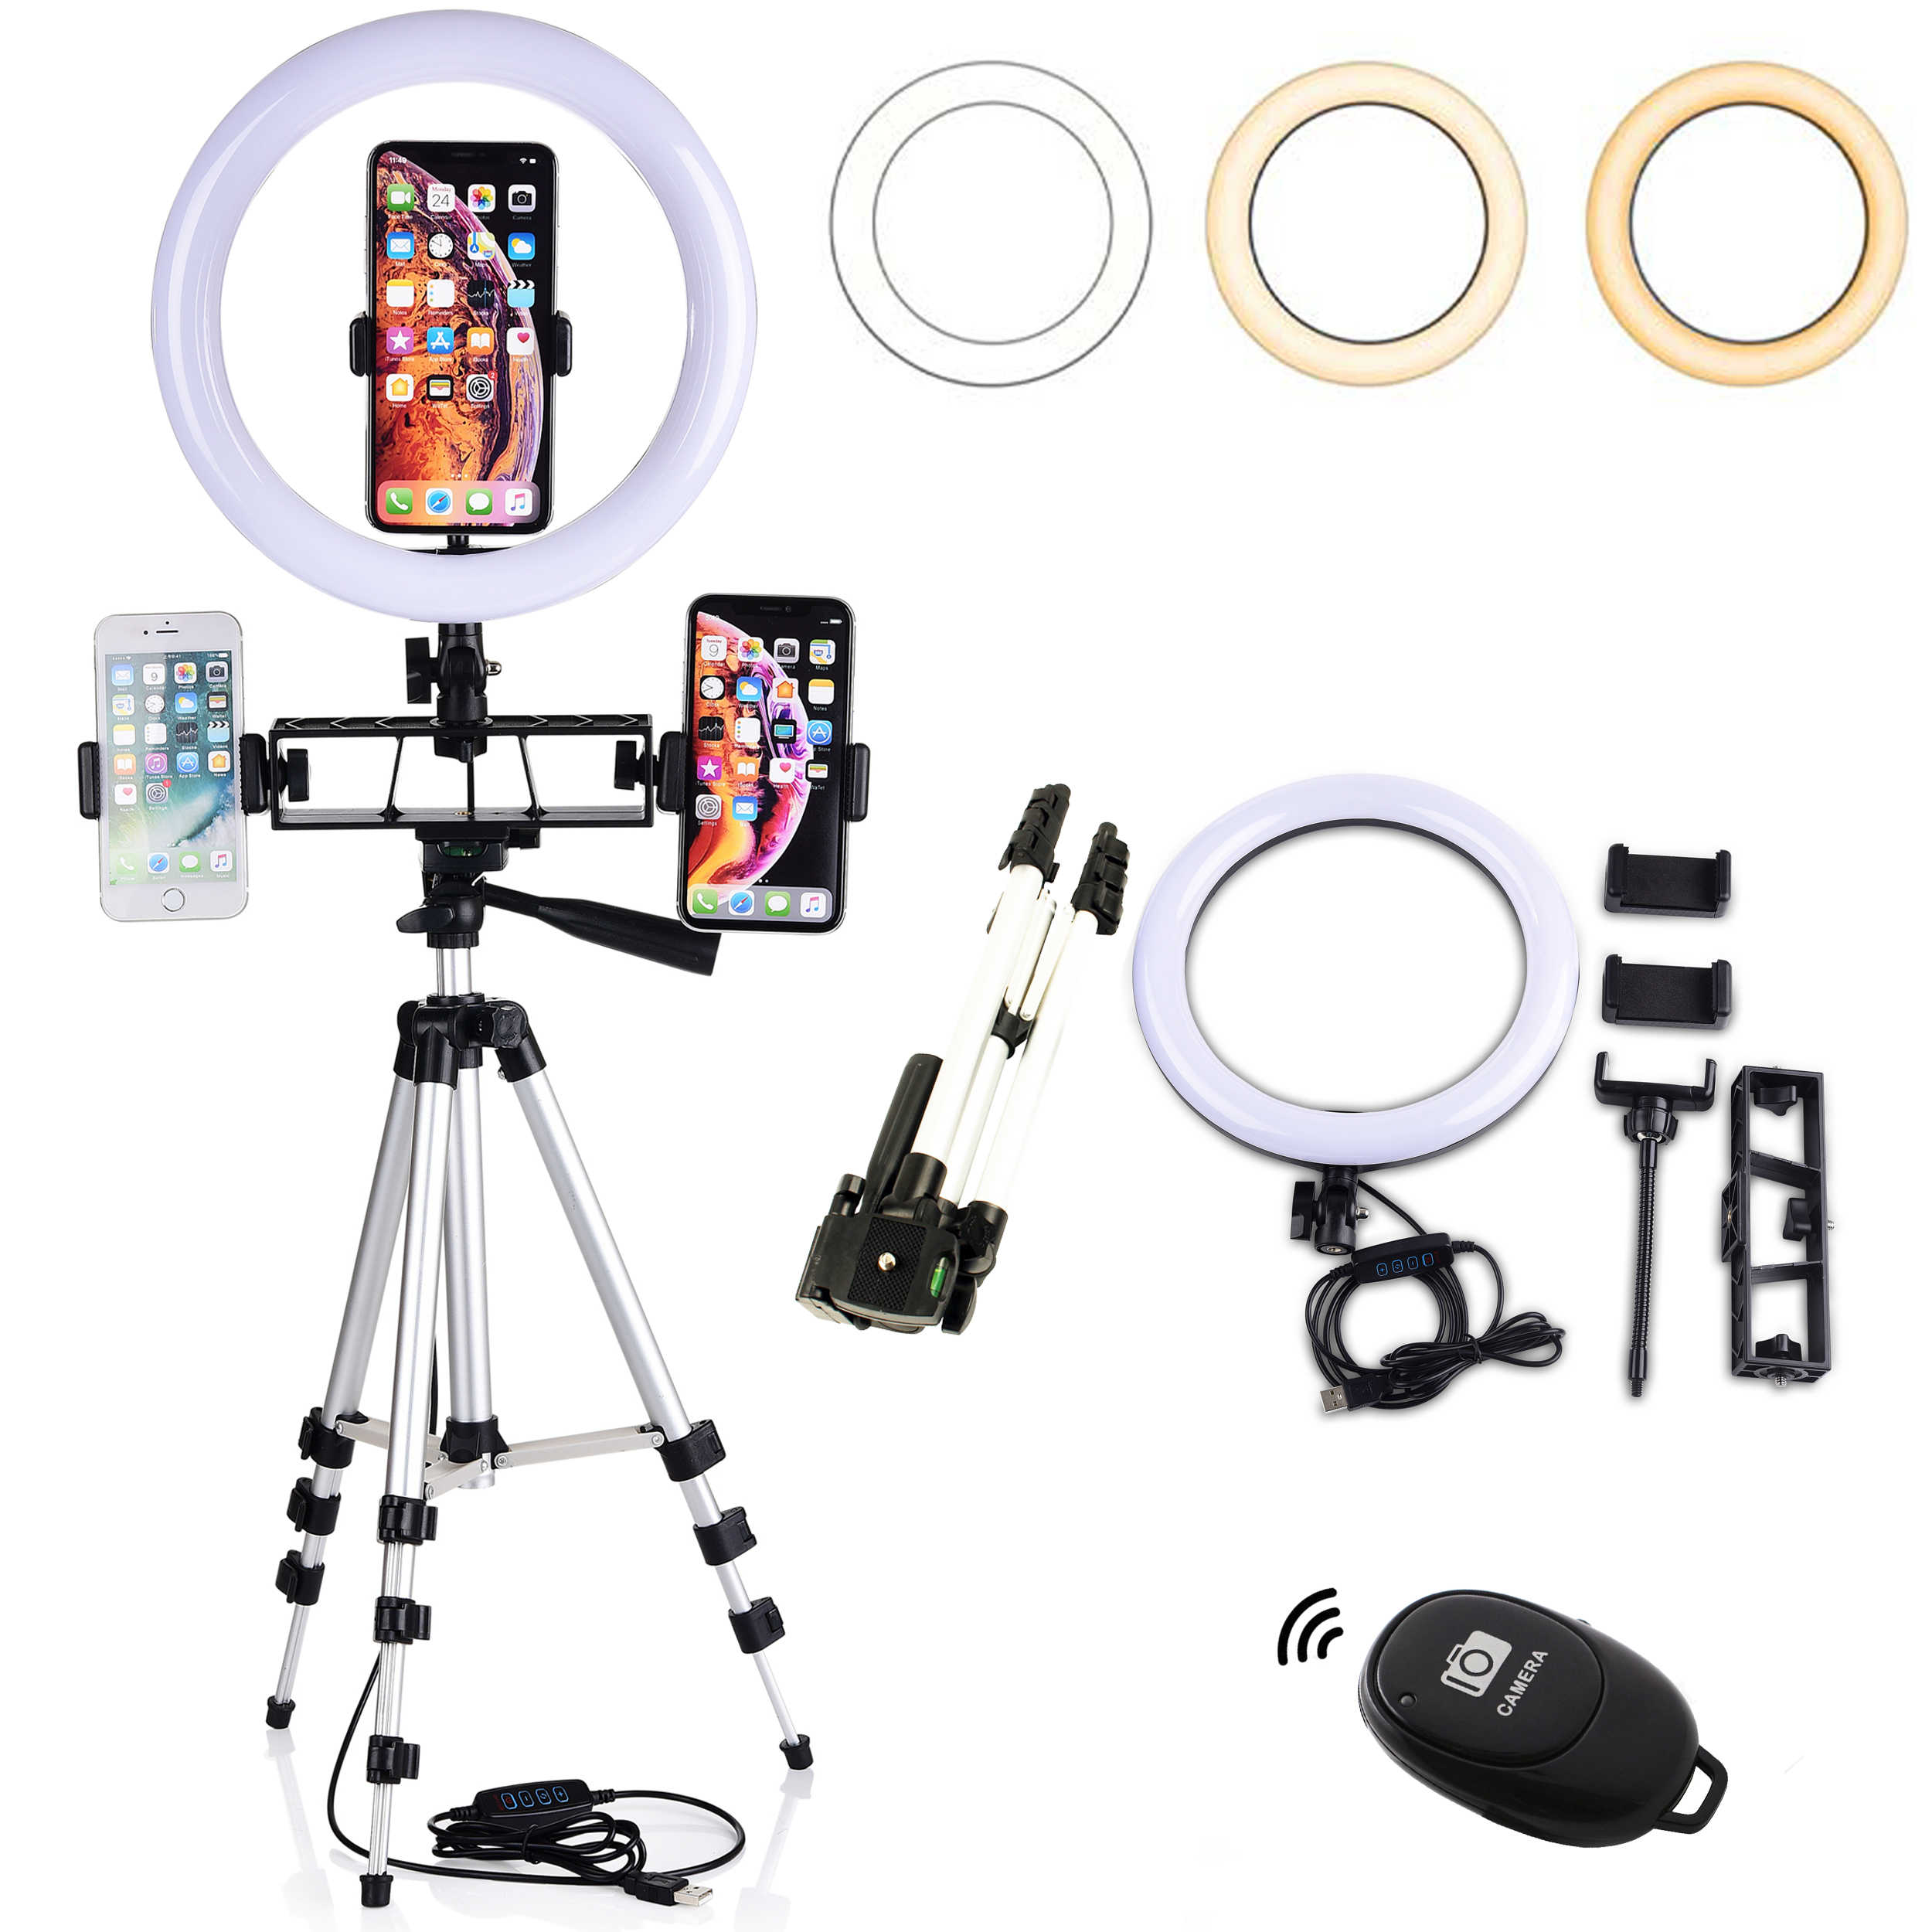 Fotografi Kamera LED Cincin Cahaya Dimmable dengan Bluetooth Remote Control YouTube Live Selfie Makeup Lampu untuk iPhone Android